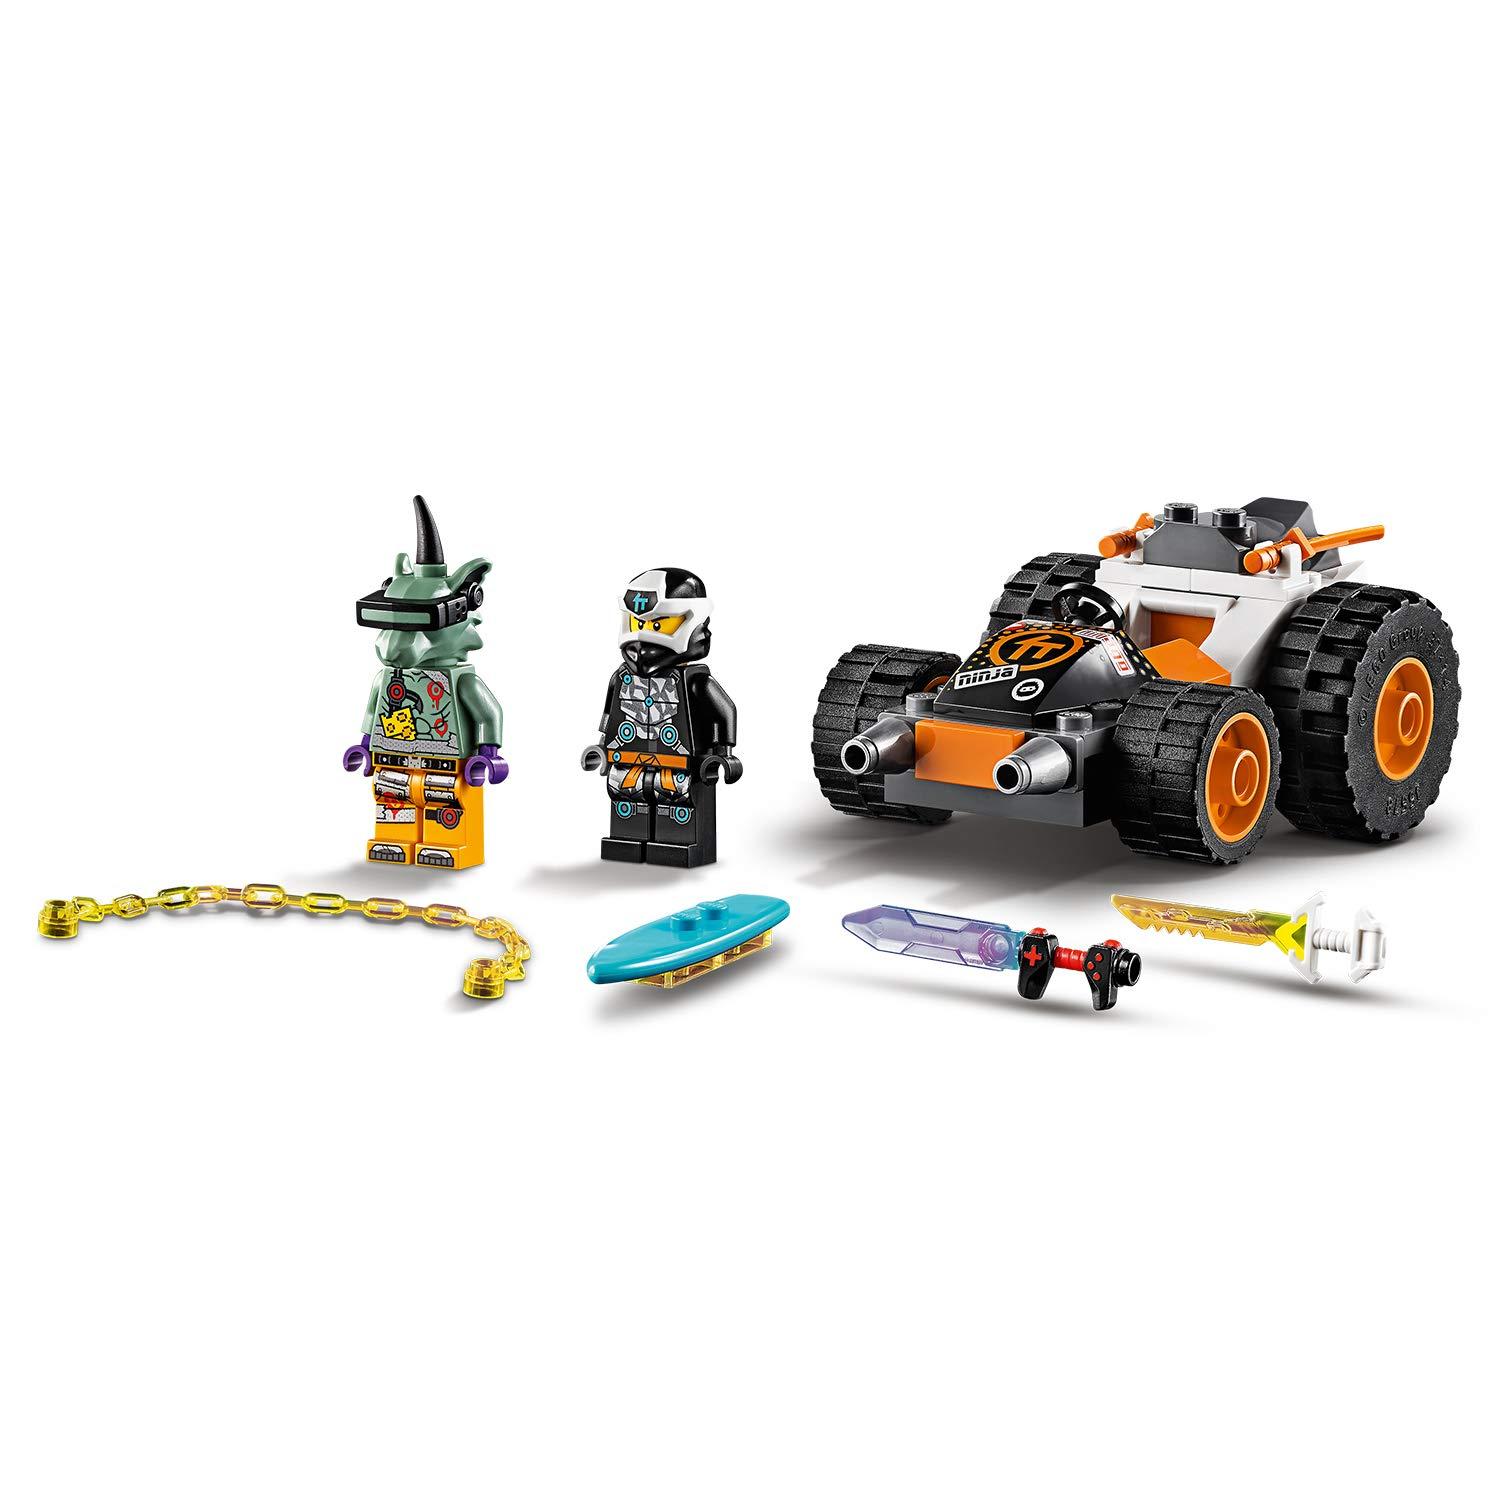 71706 LEGO Ninjago-Il Bolide Minifigure di digi Cole e Hausner per Costruire e Partire per Mille Avventure Set di Costruzioni per Bambini 4 Anni